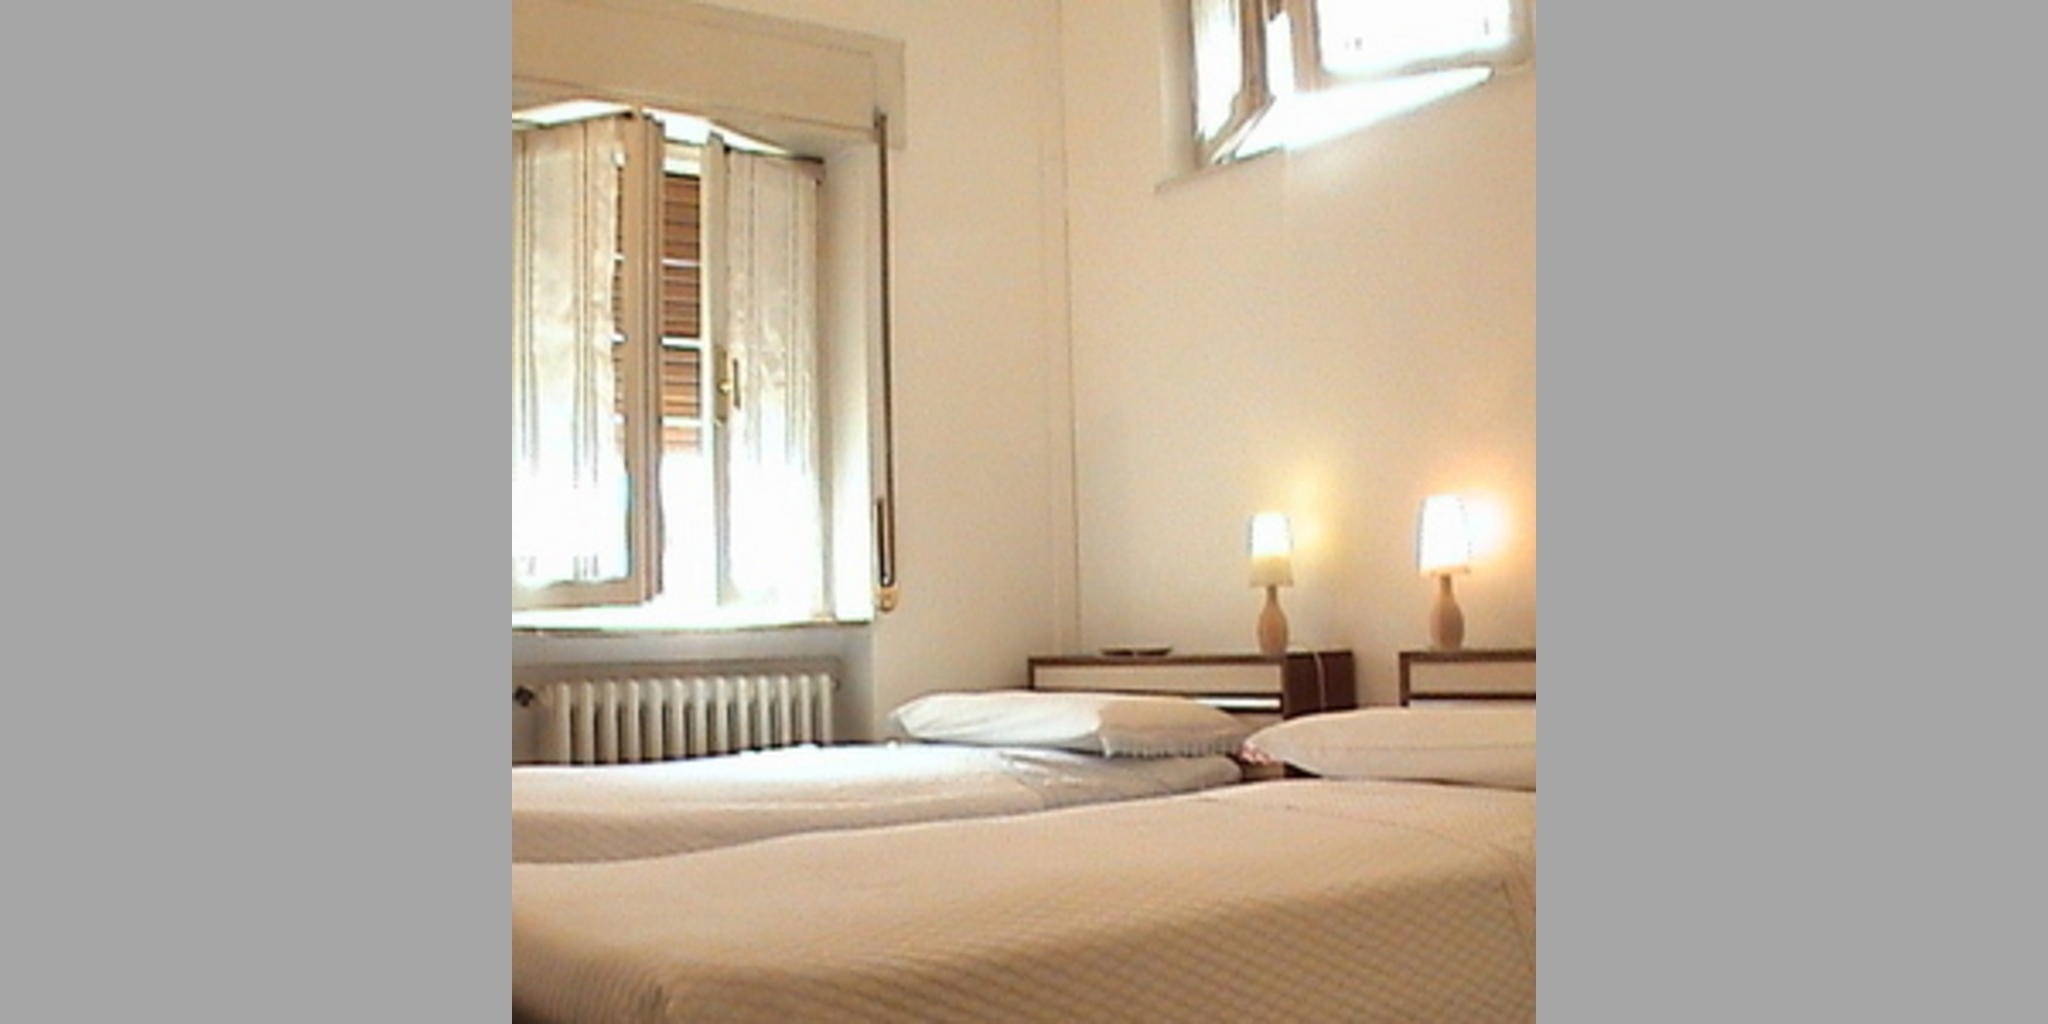 Bed & Breakfast Castiglione Olona - Papa Celestino